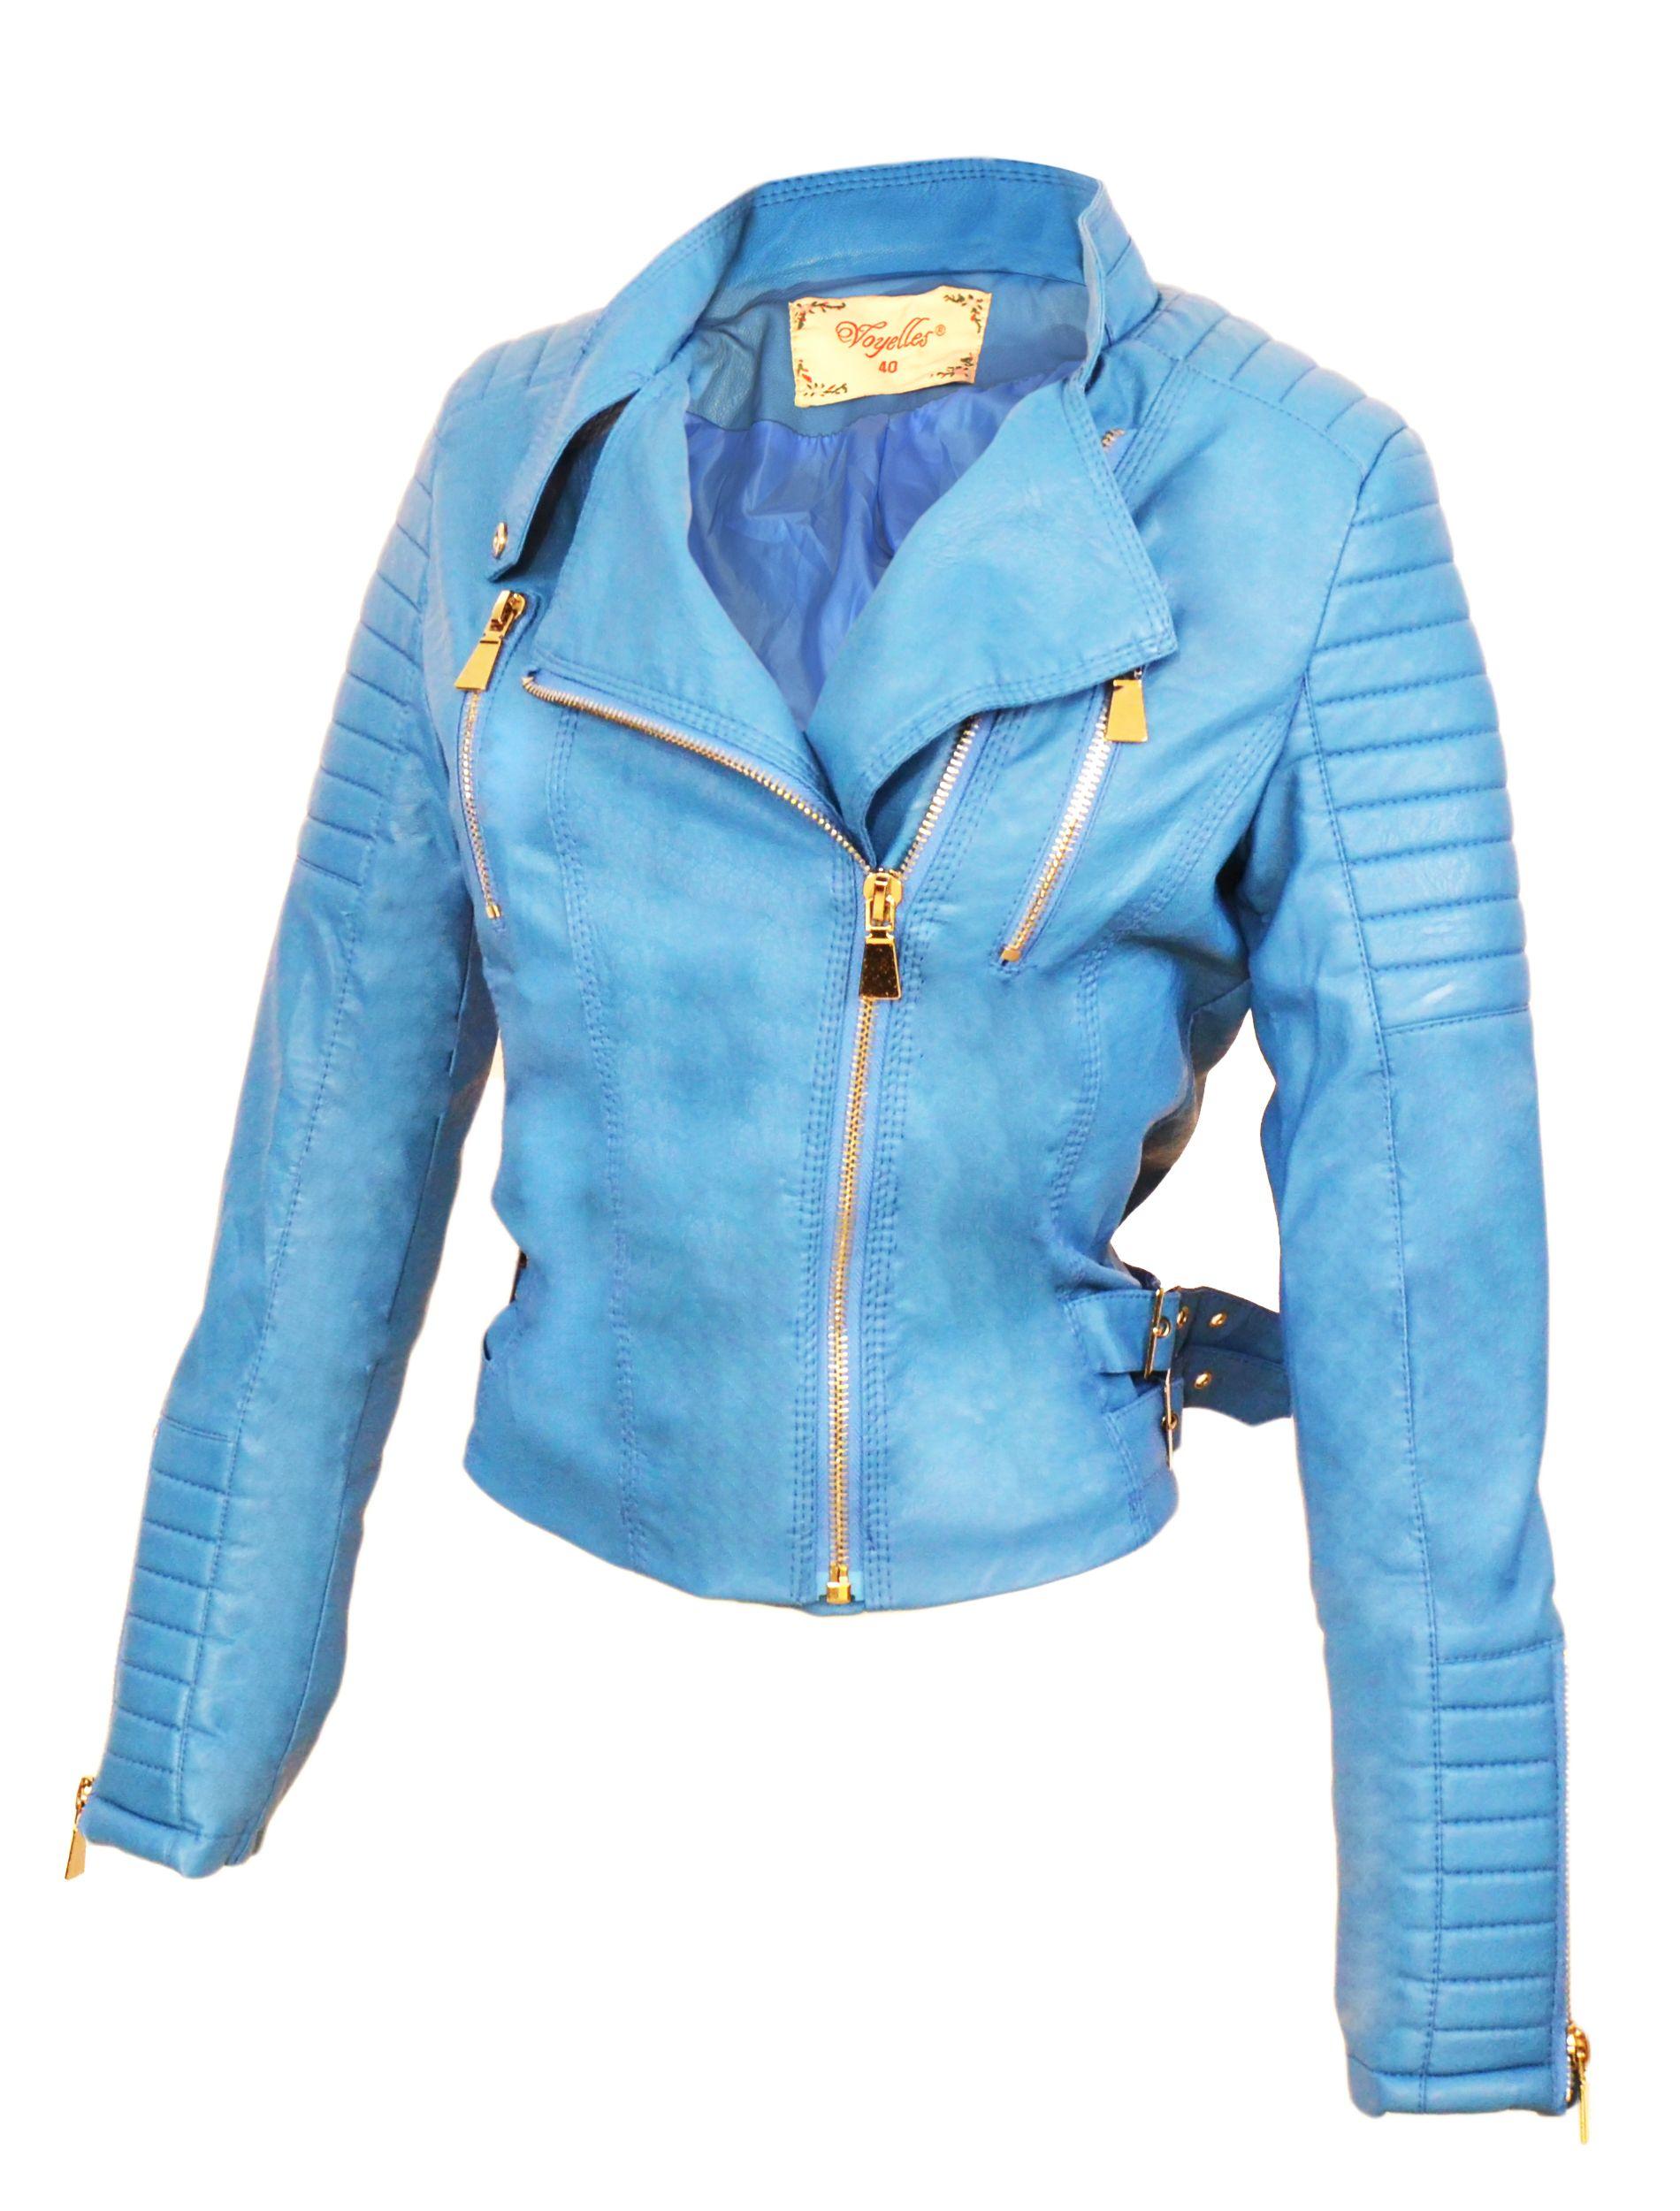 Verbazingwekkend Donker blauwe Bikerjack voor dames - Kunstleer (met afbeeldingen YU-58